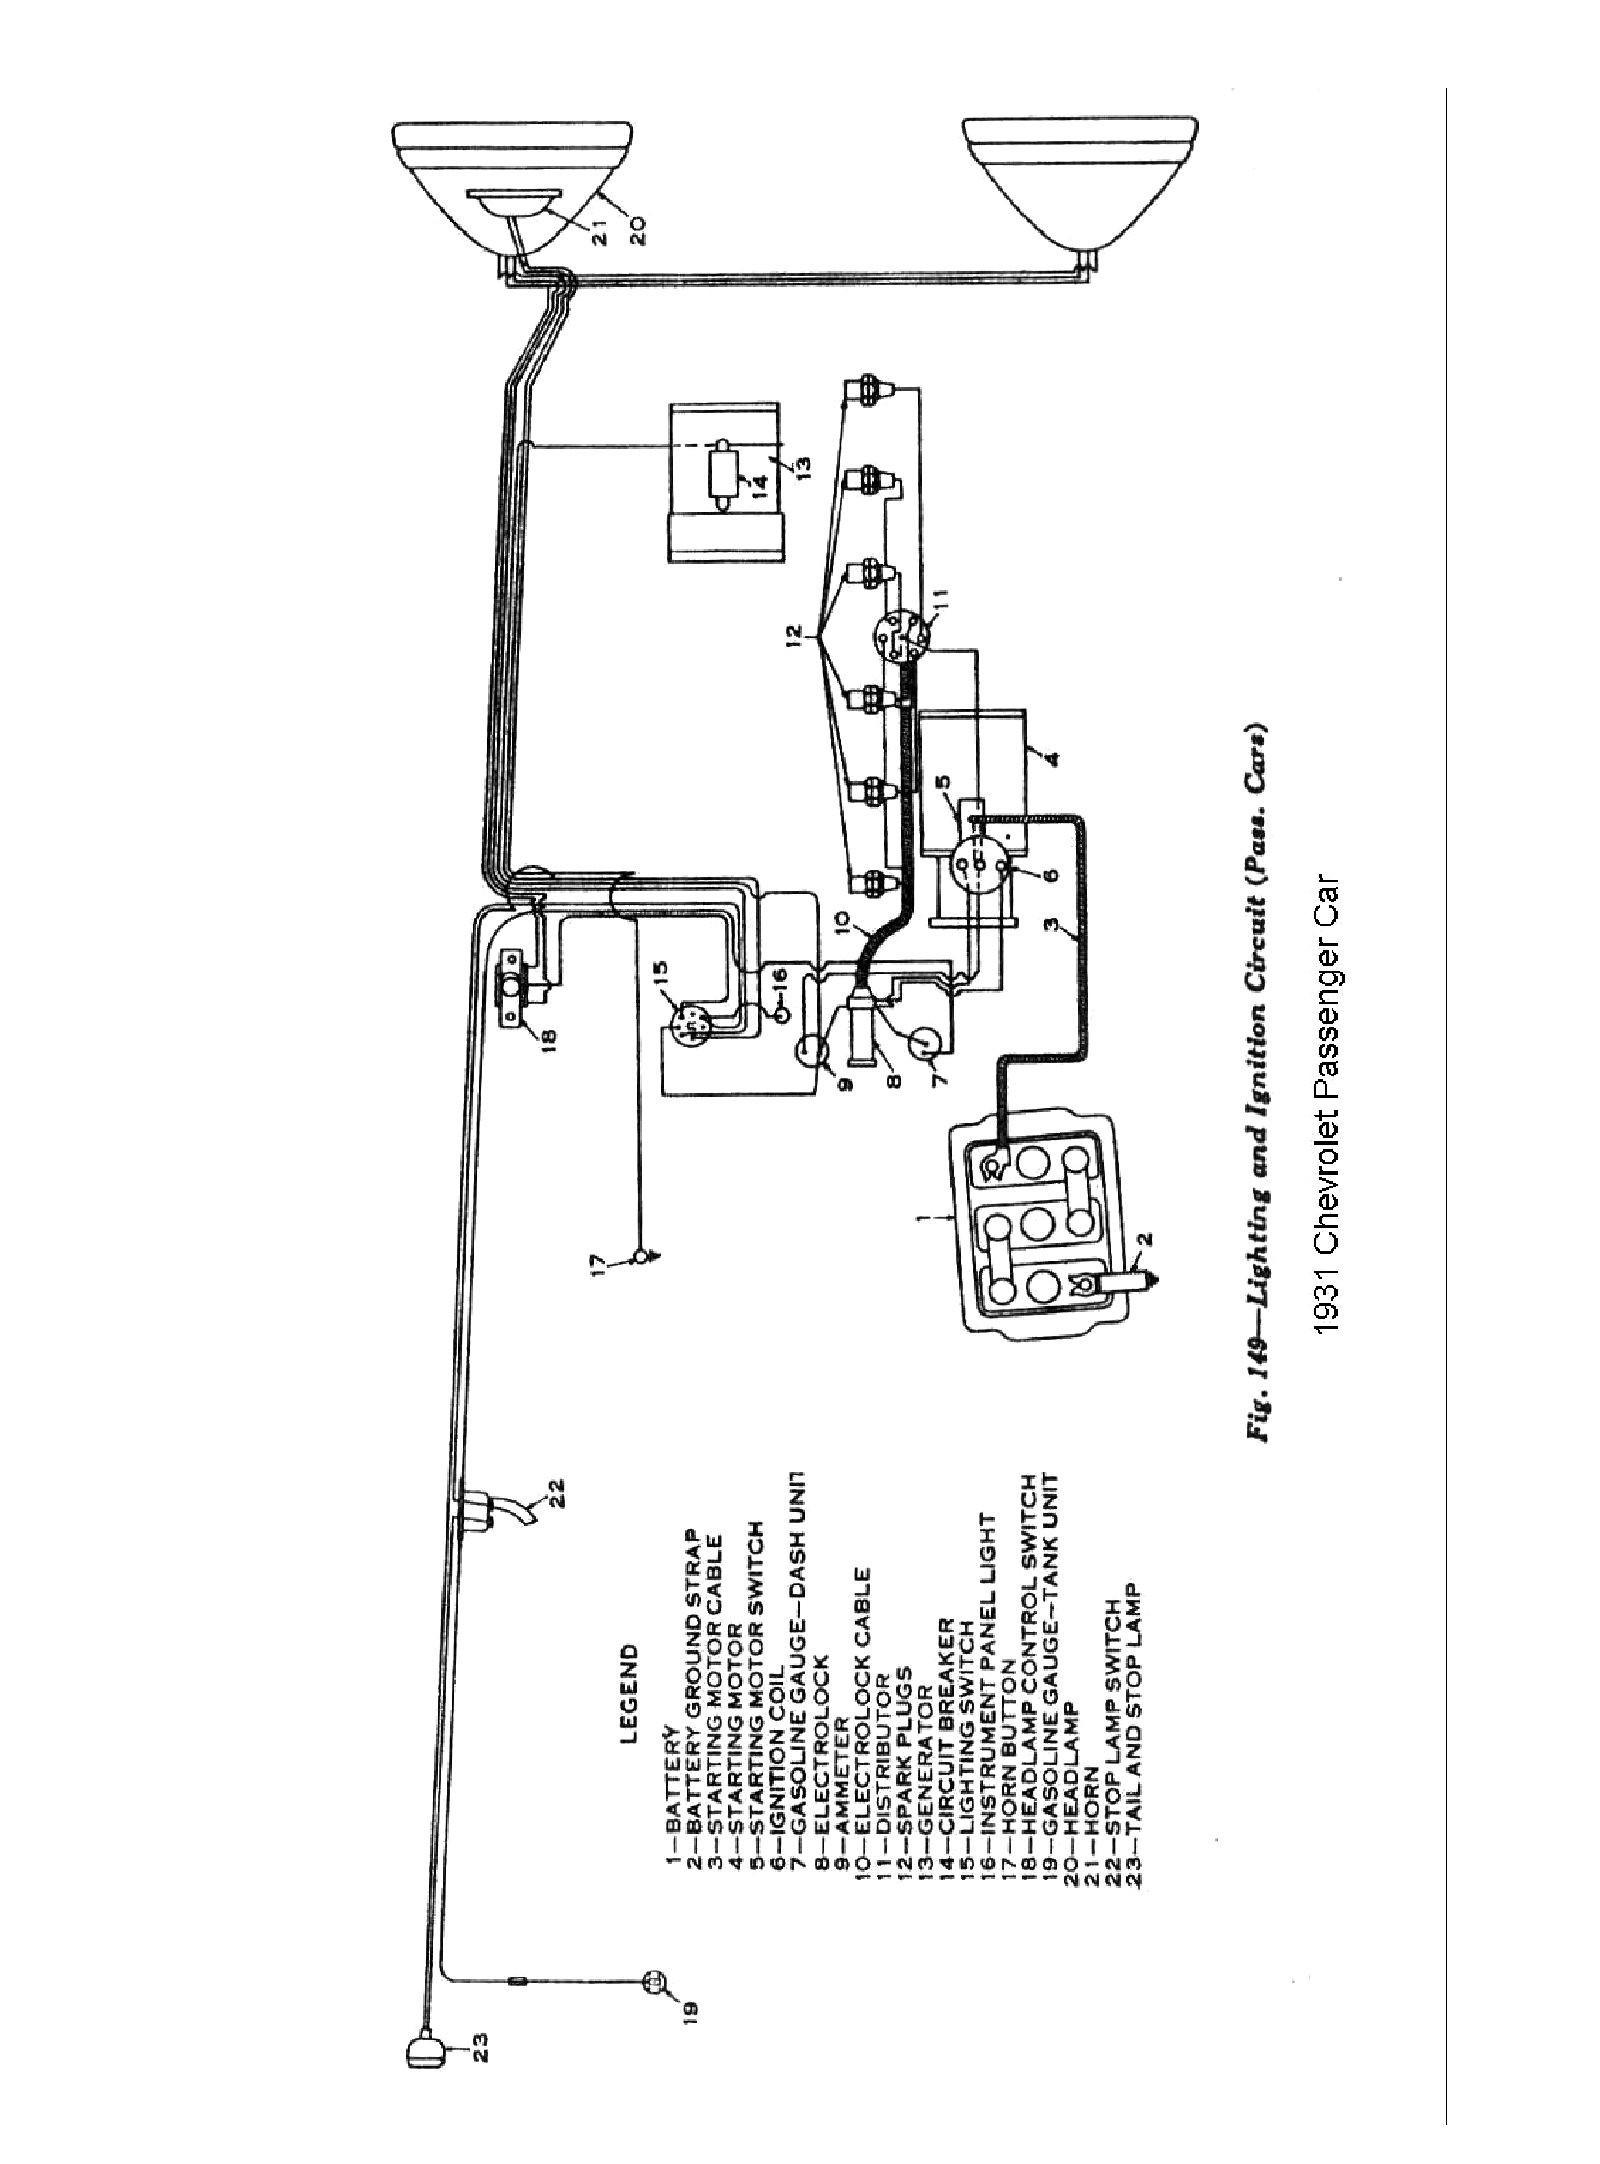 4 prong generator plug wiring diagram electrical